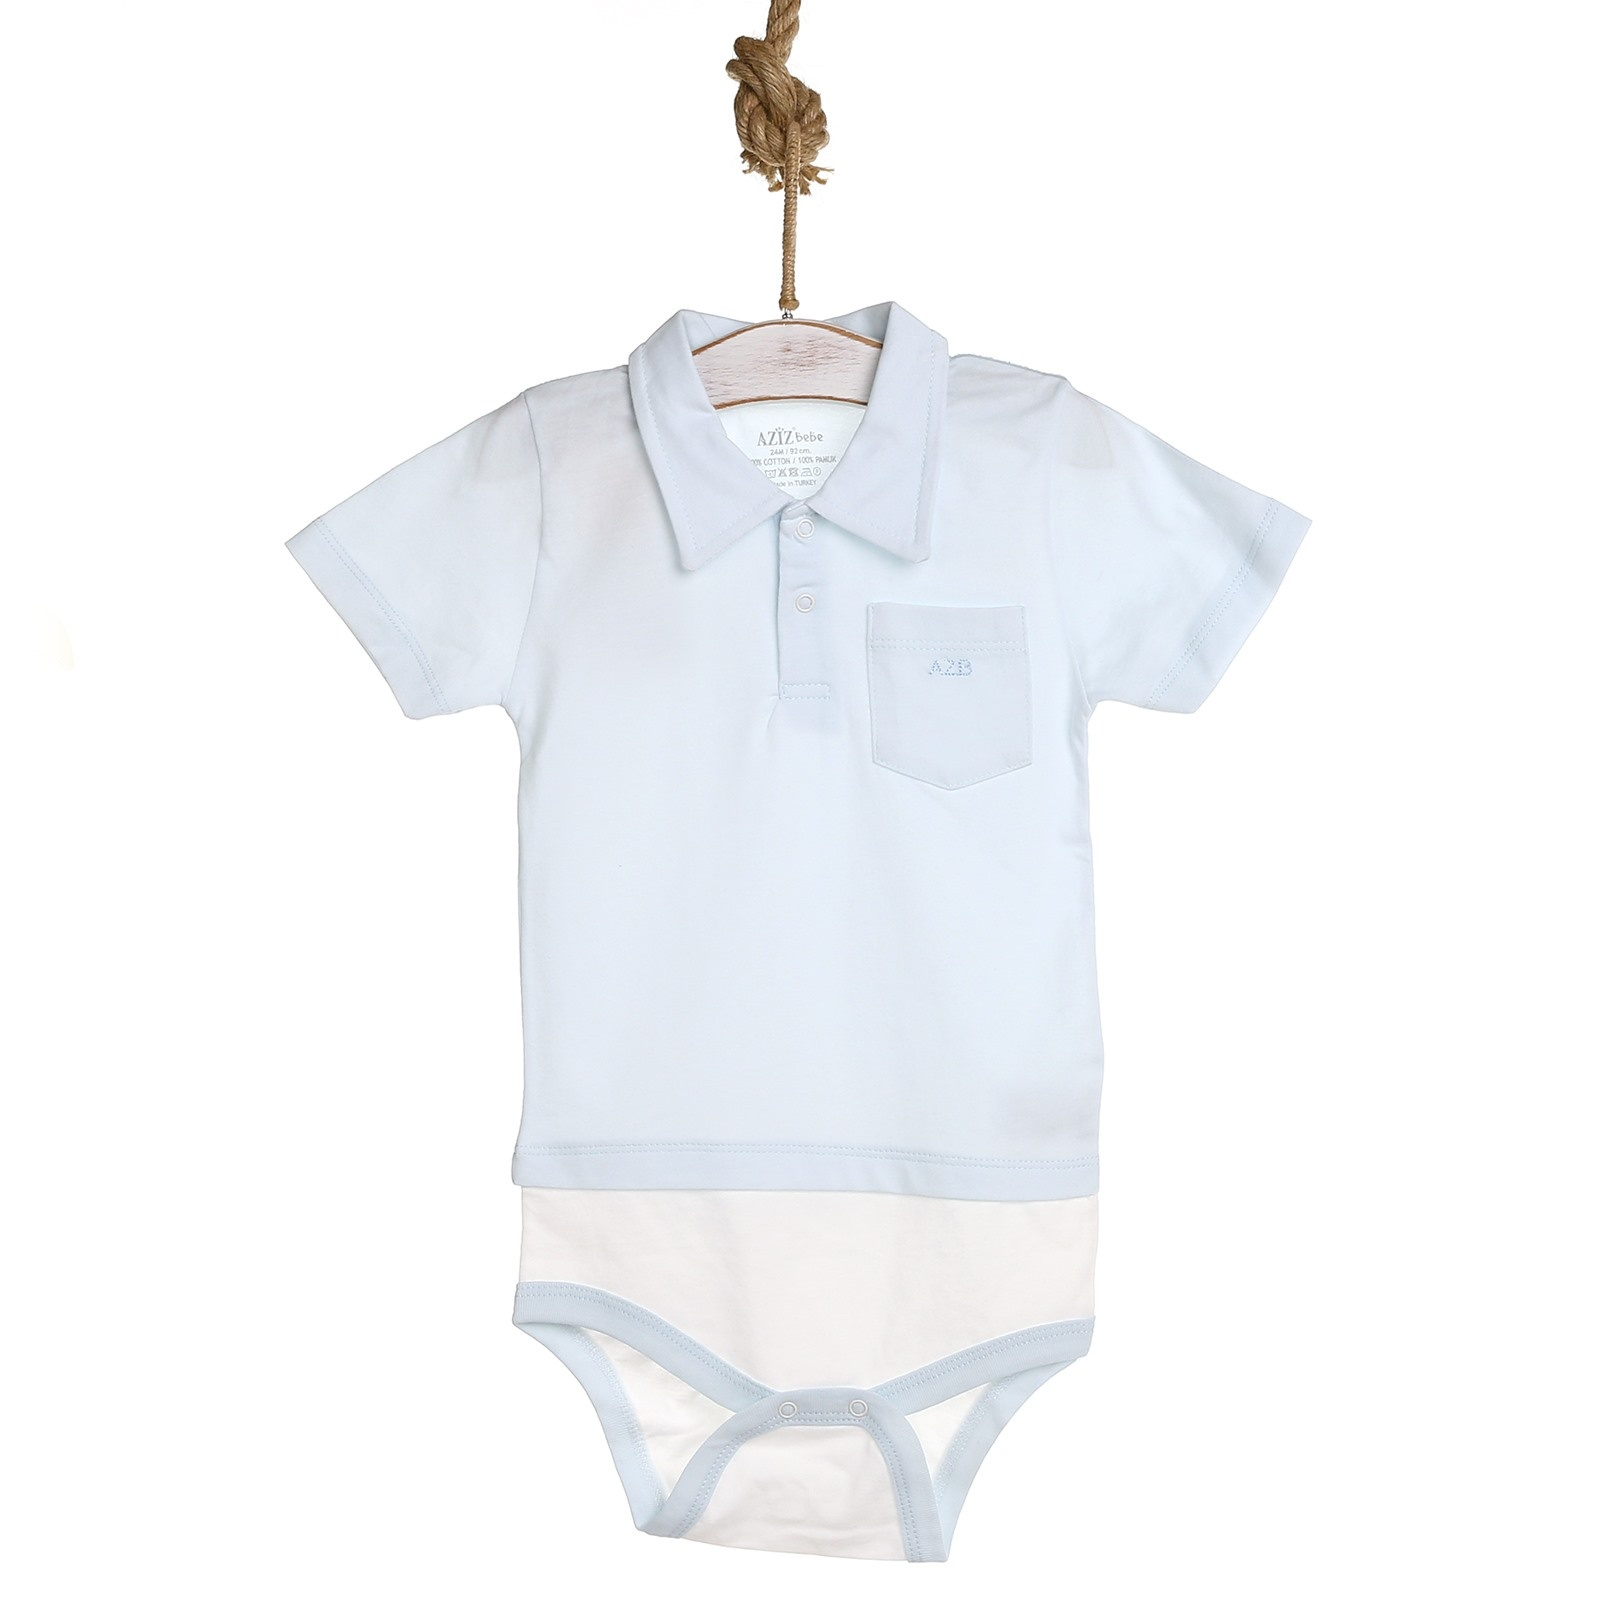 Ebebek Aziz Bebe Baby Boy Summer Short Sleeve Bodysuit